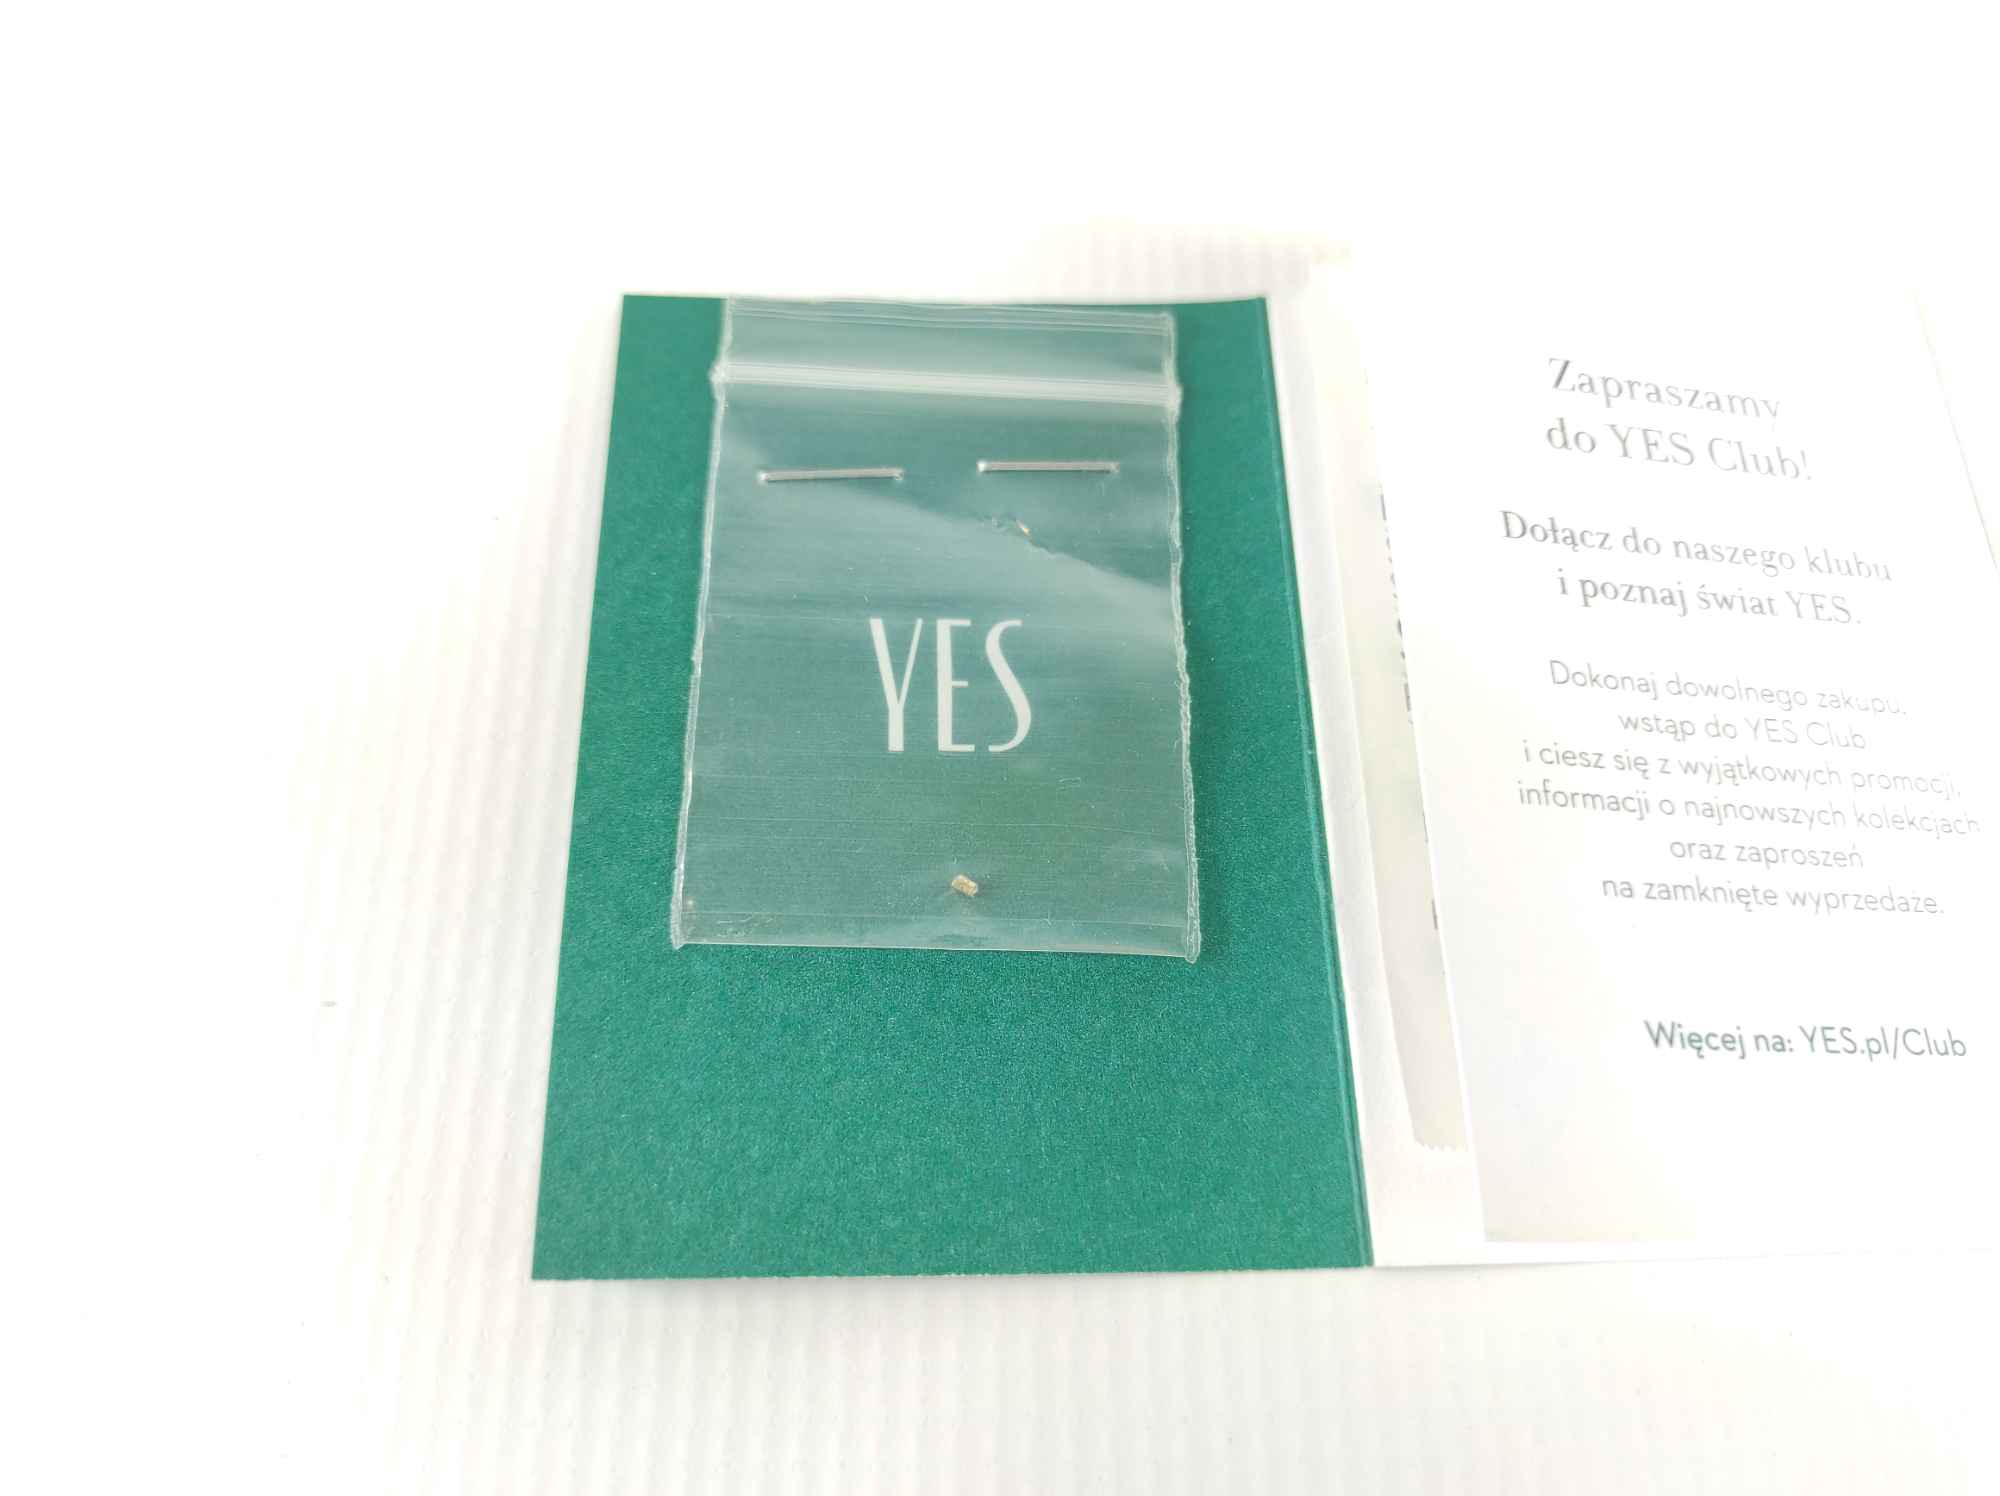 Pierścionek zaręczynowy złoty z diamentem YES z kolekcji Eternel r15,5 Mińsk Mazowiecki - zdjęcie 7